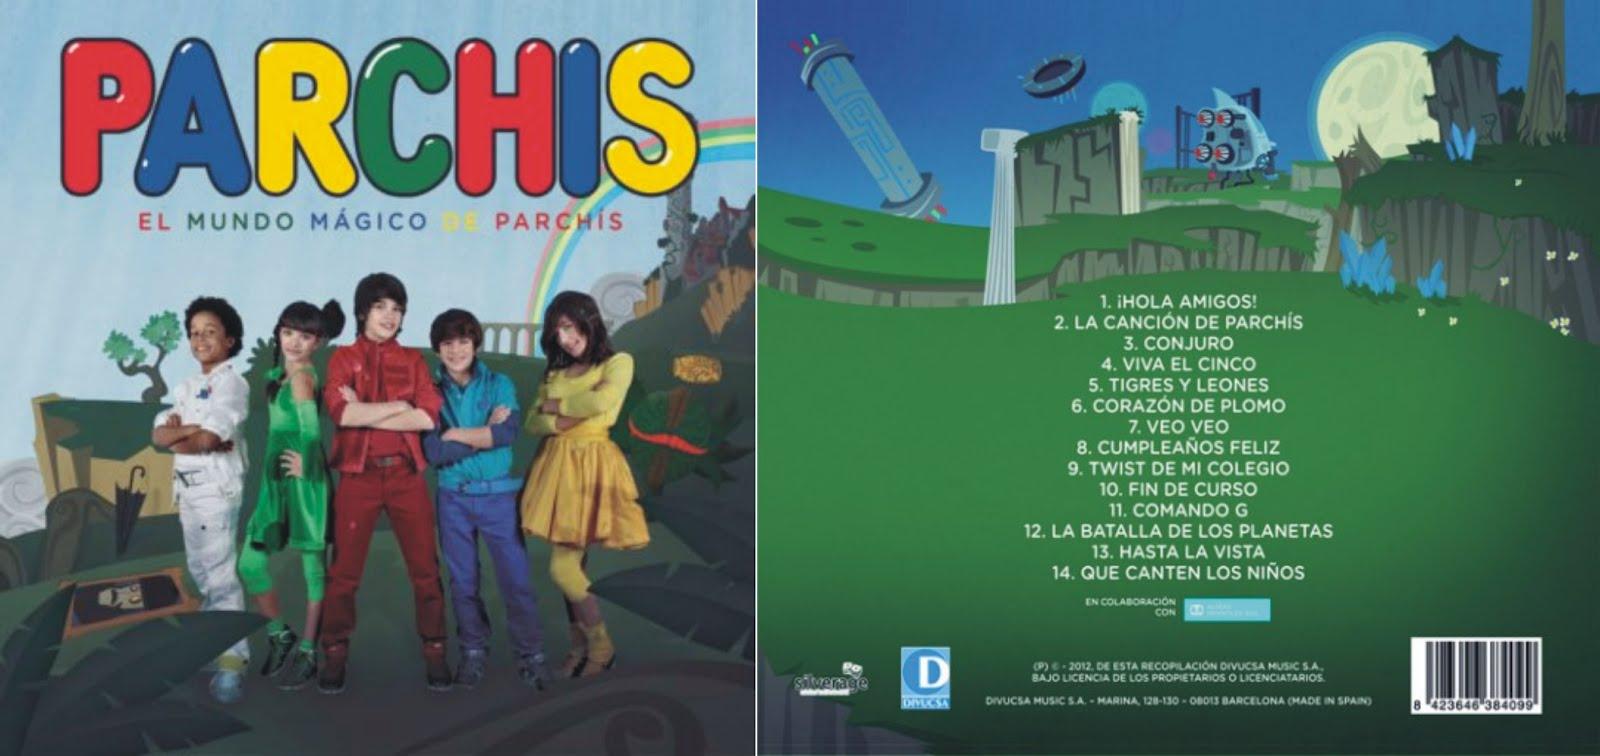 Cumpleanos Feliz Parchis Remix.Parchis La Saga Revisando El Album El Mundo Magico De